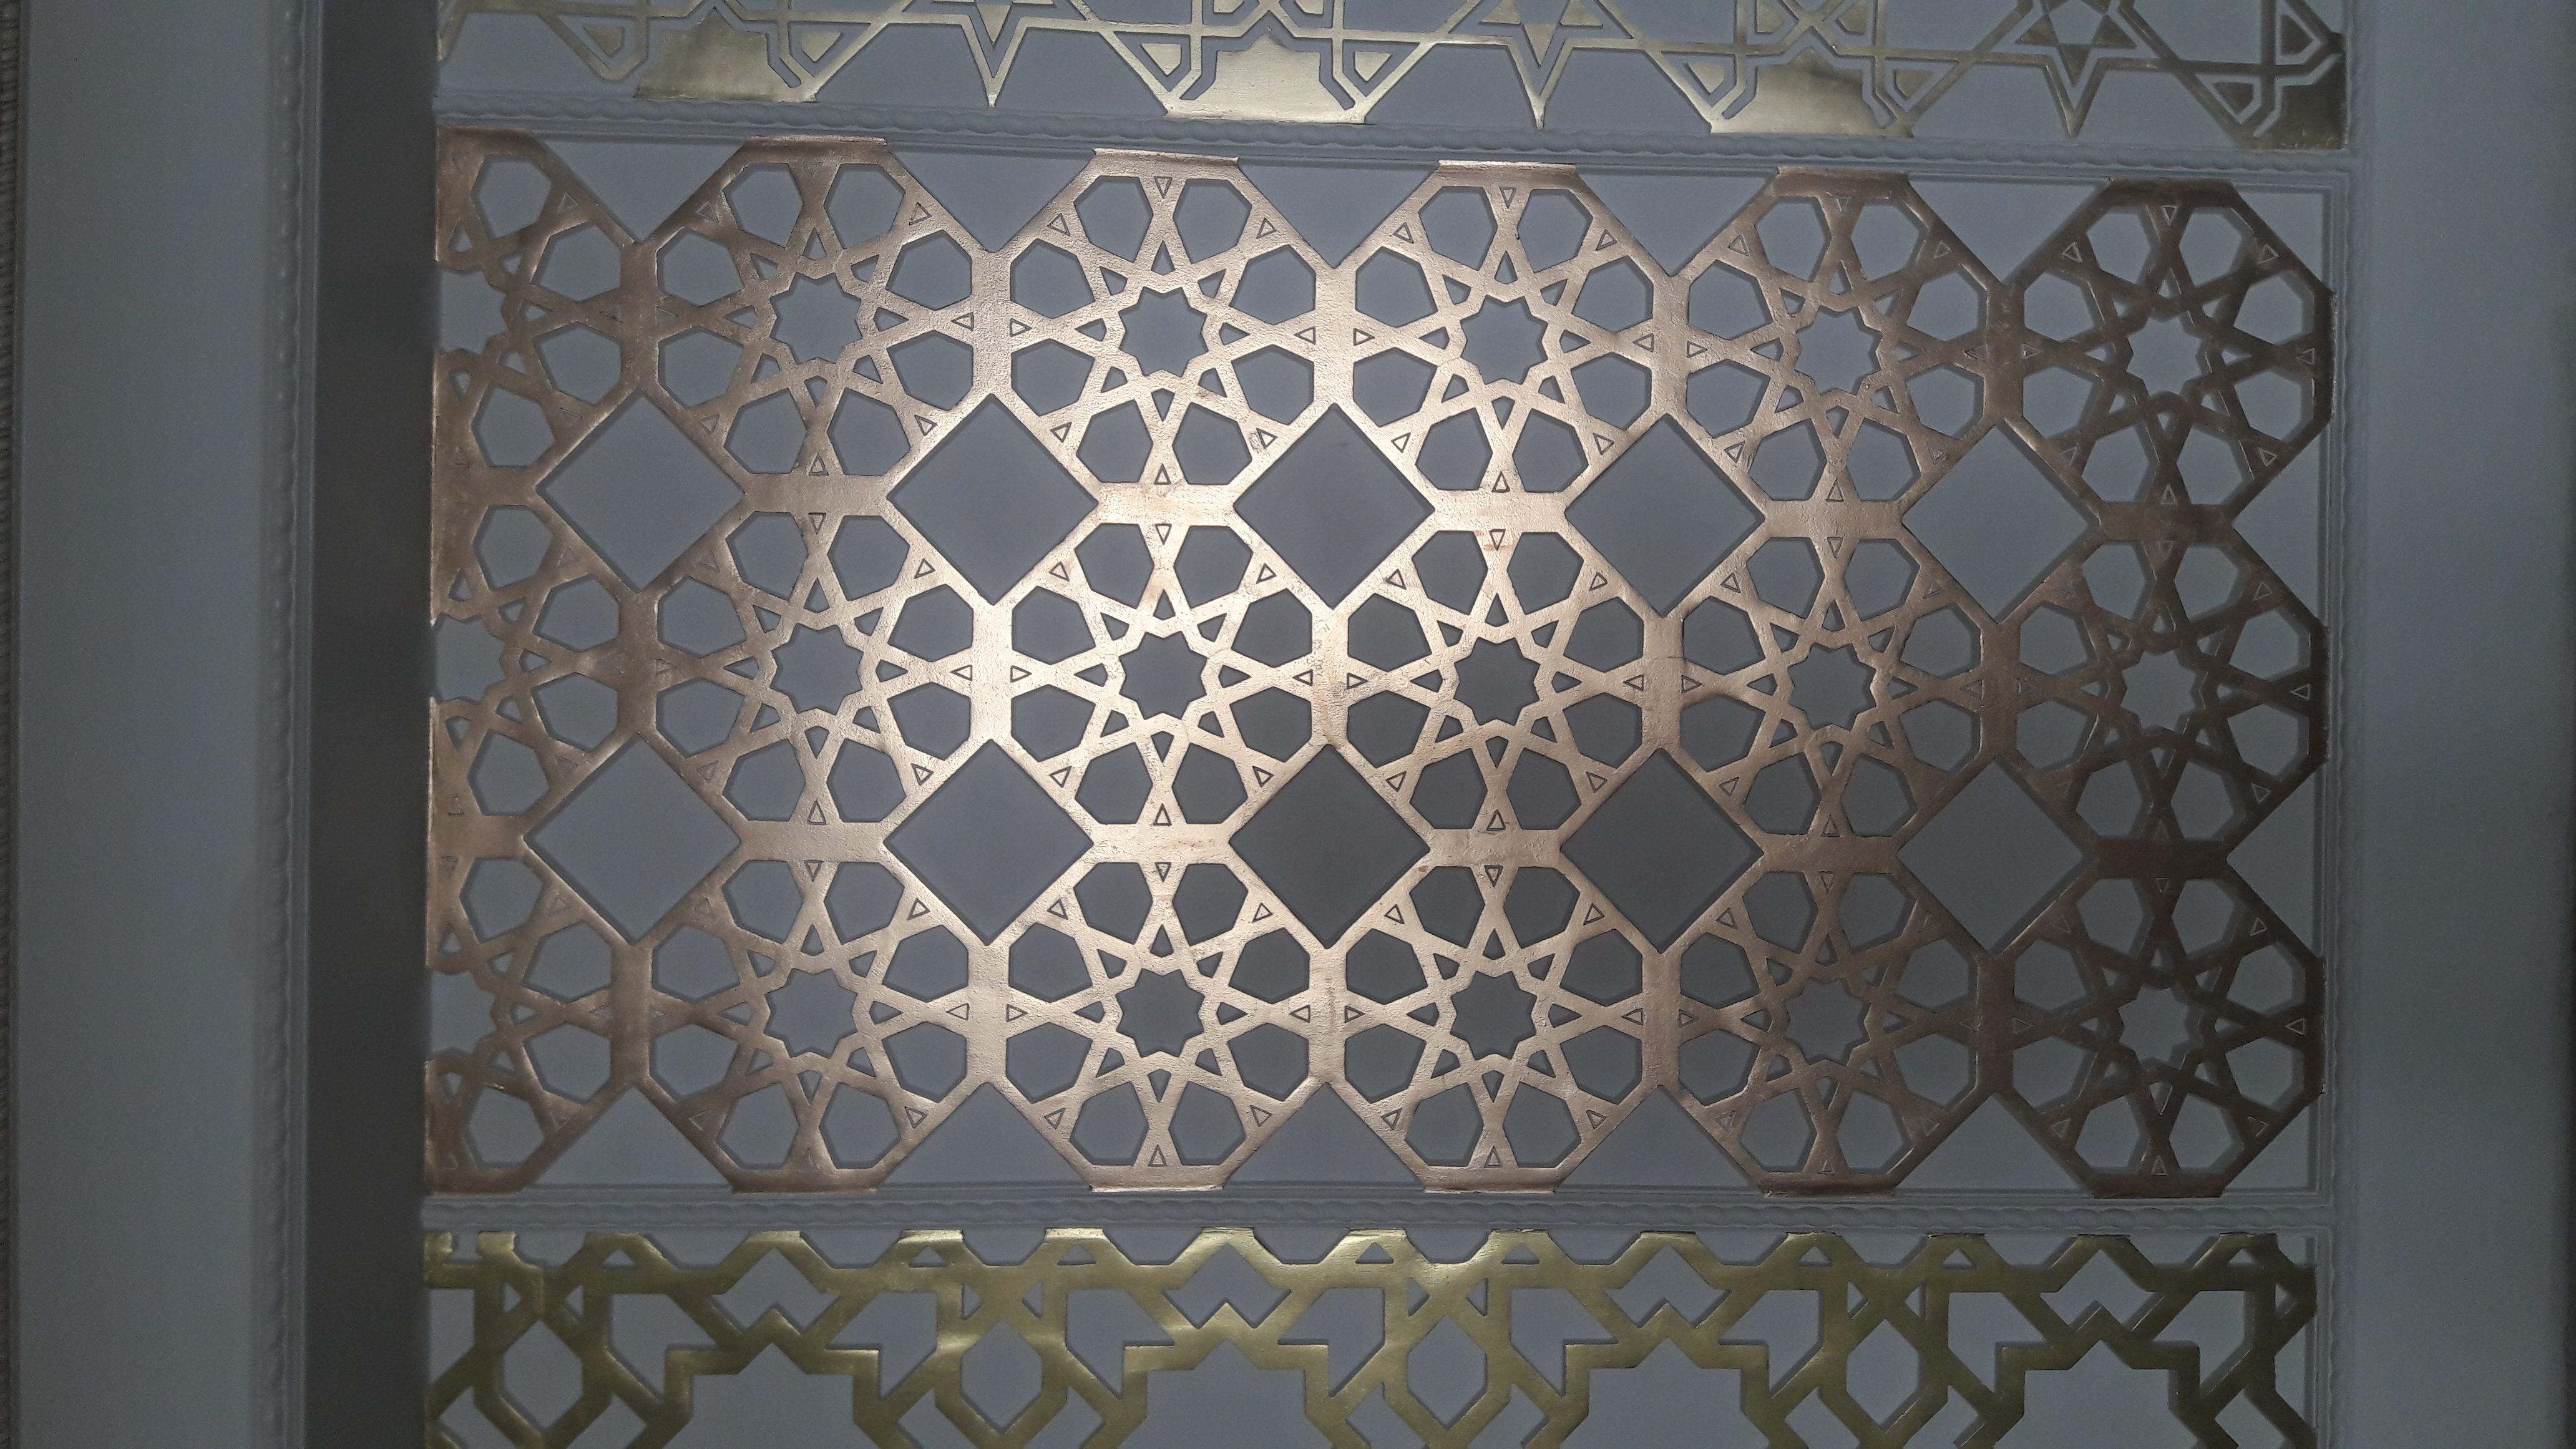 duvar dekorasyon malzemeleri- (Model: M14)